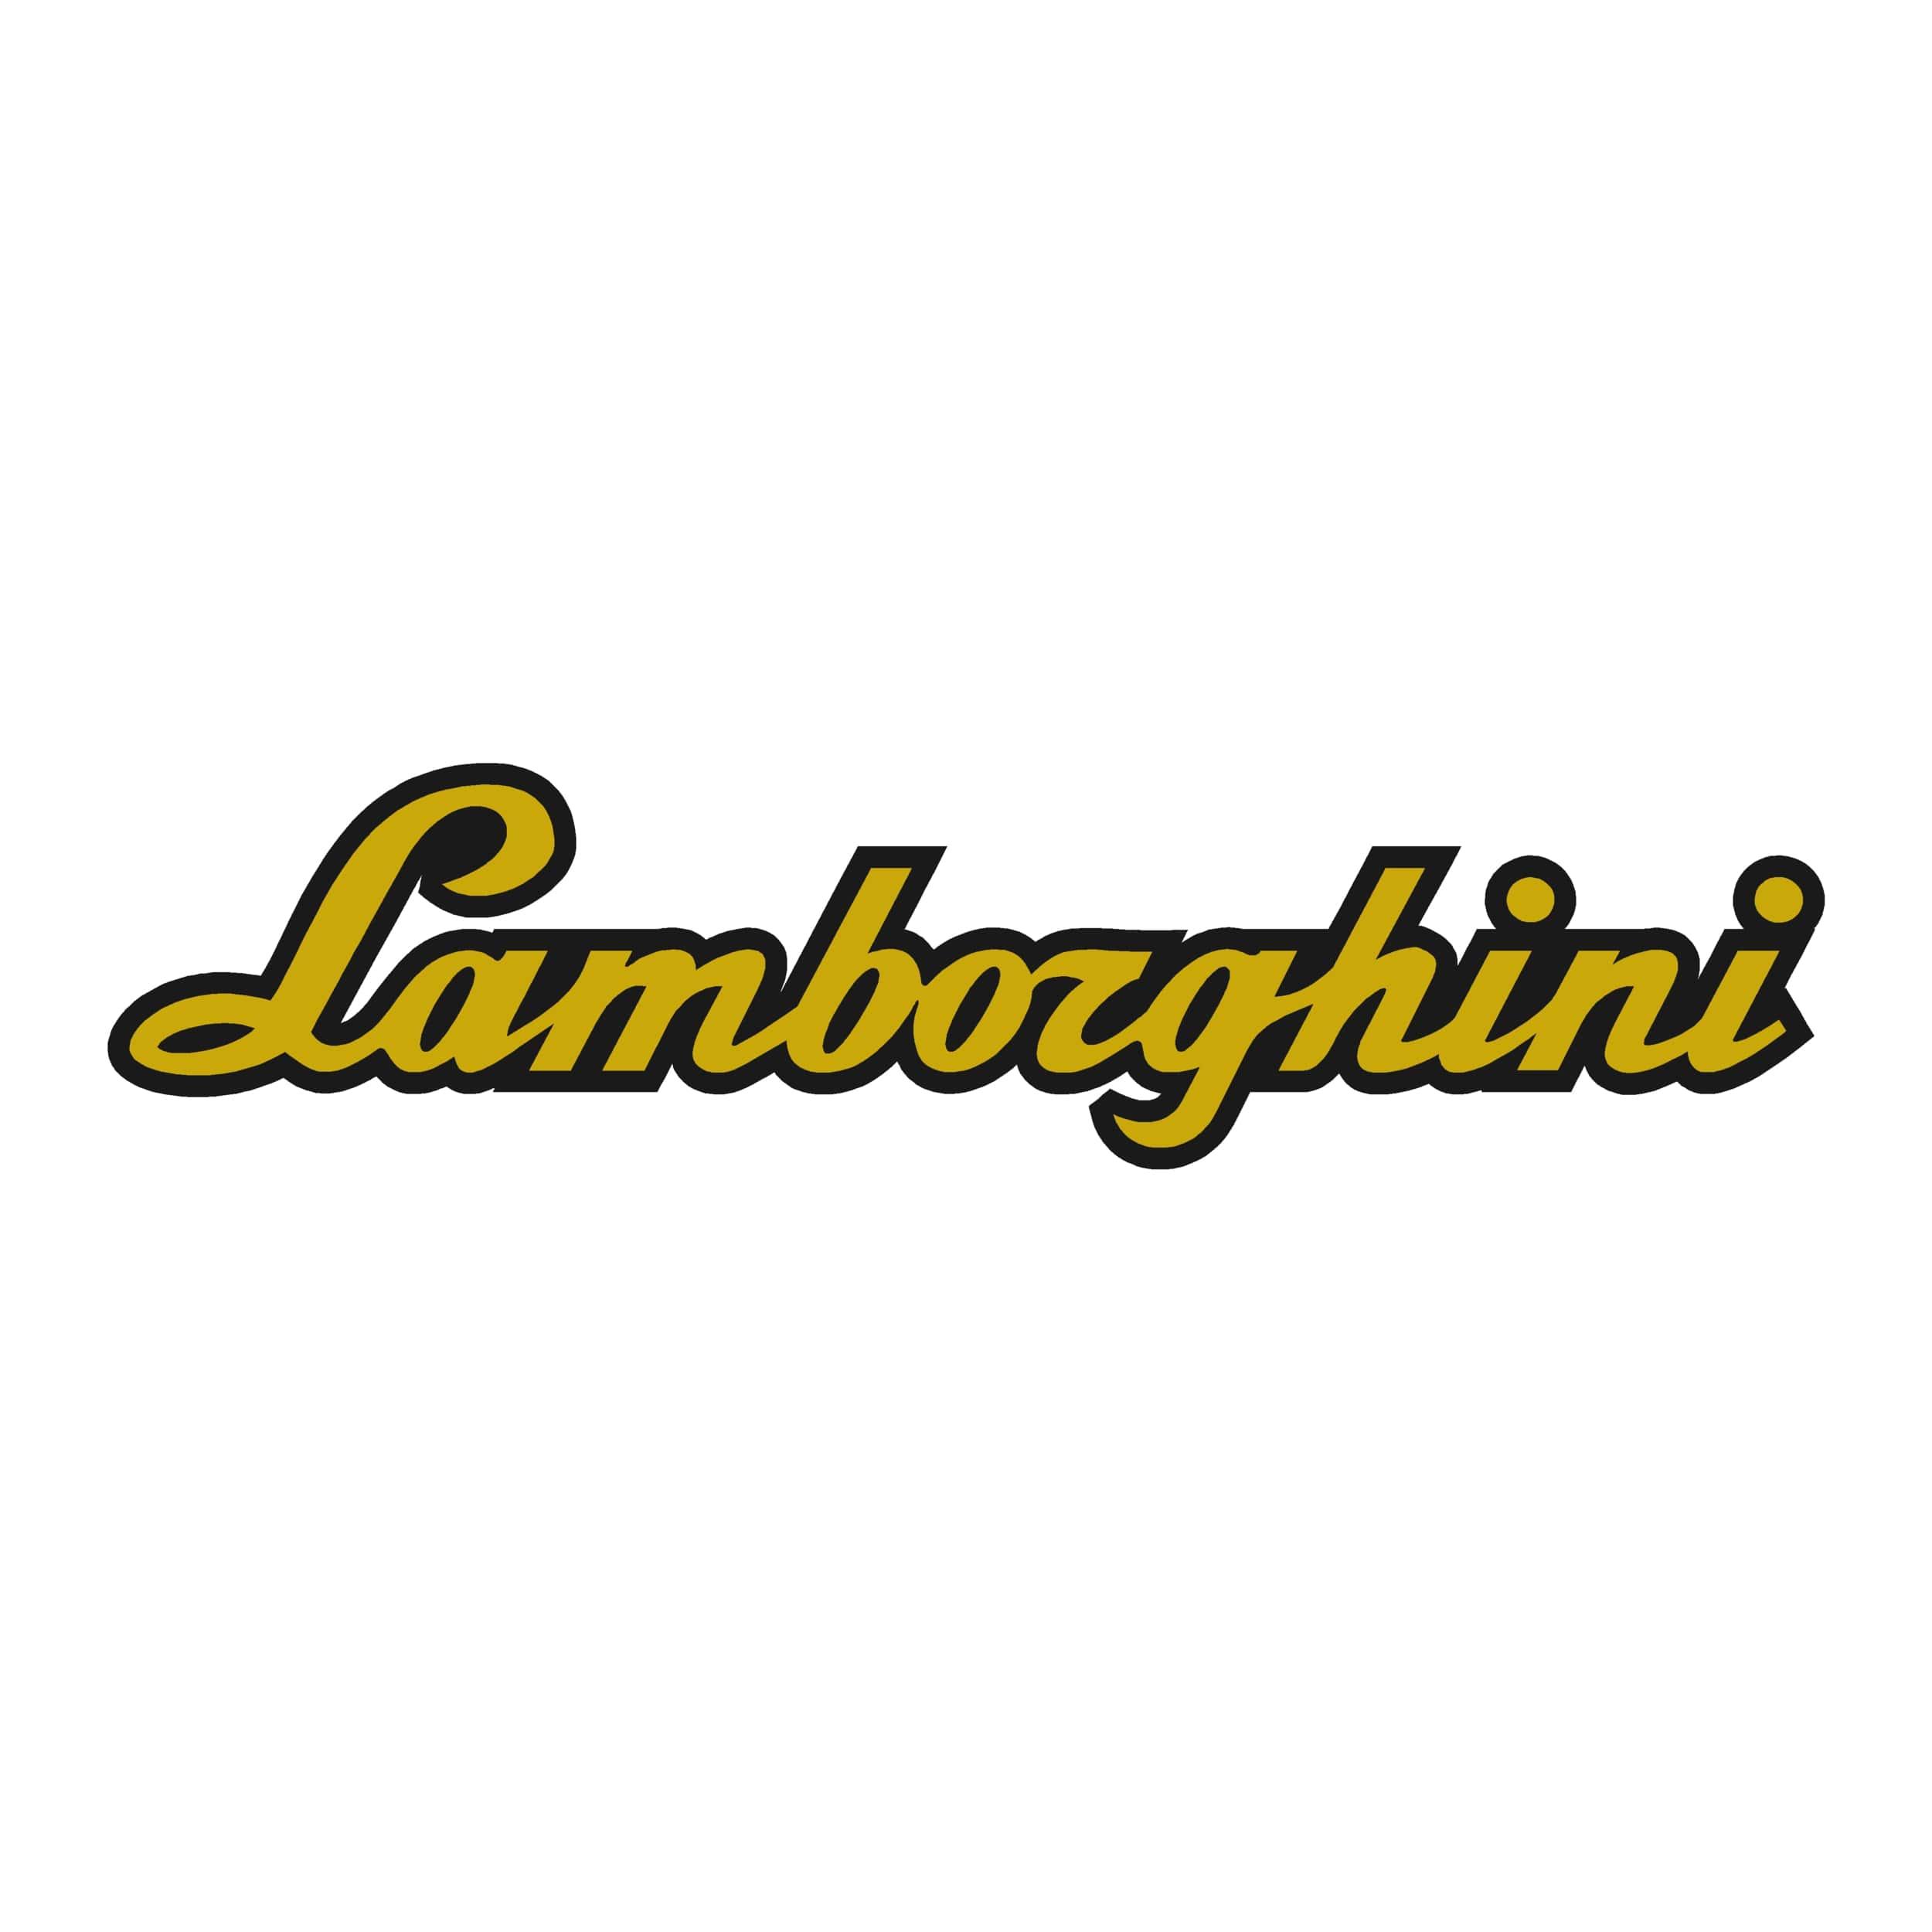 stickers-lamborghini-ref-4-auto-tuning-amortisseur-4x4-tout-terrain-auto-camion-competition-rallye-autocollant-min